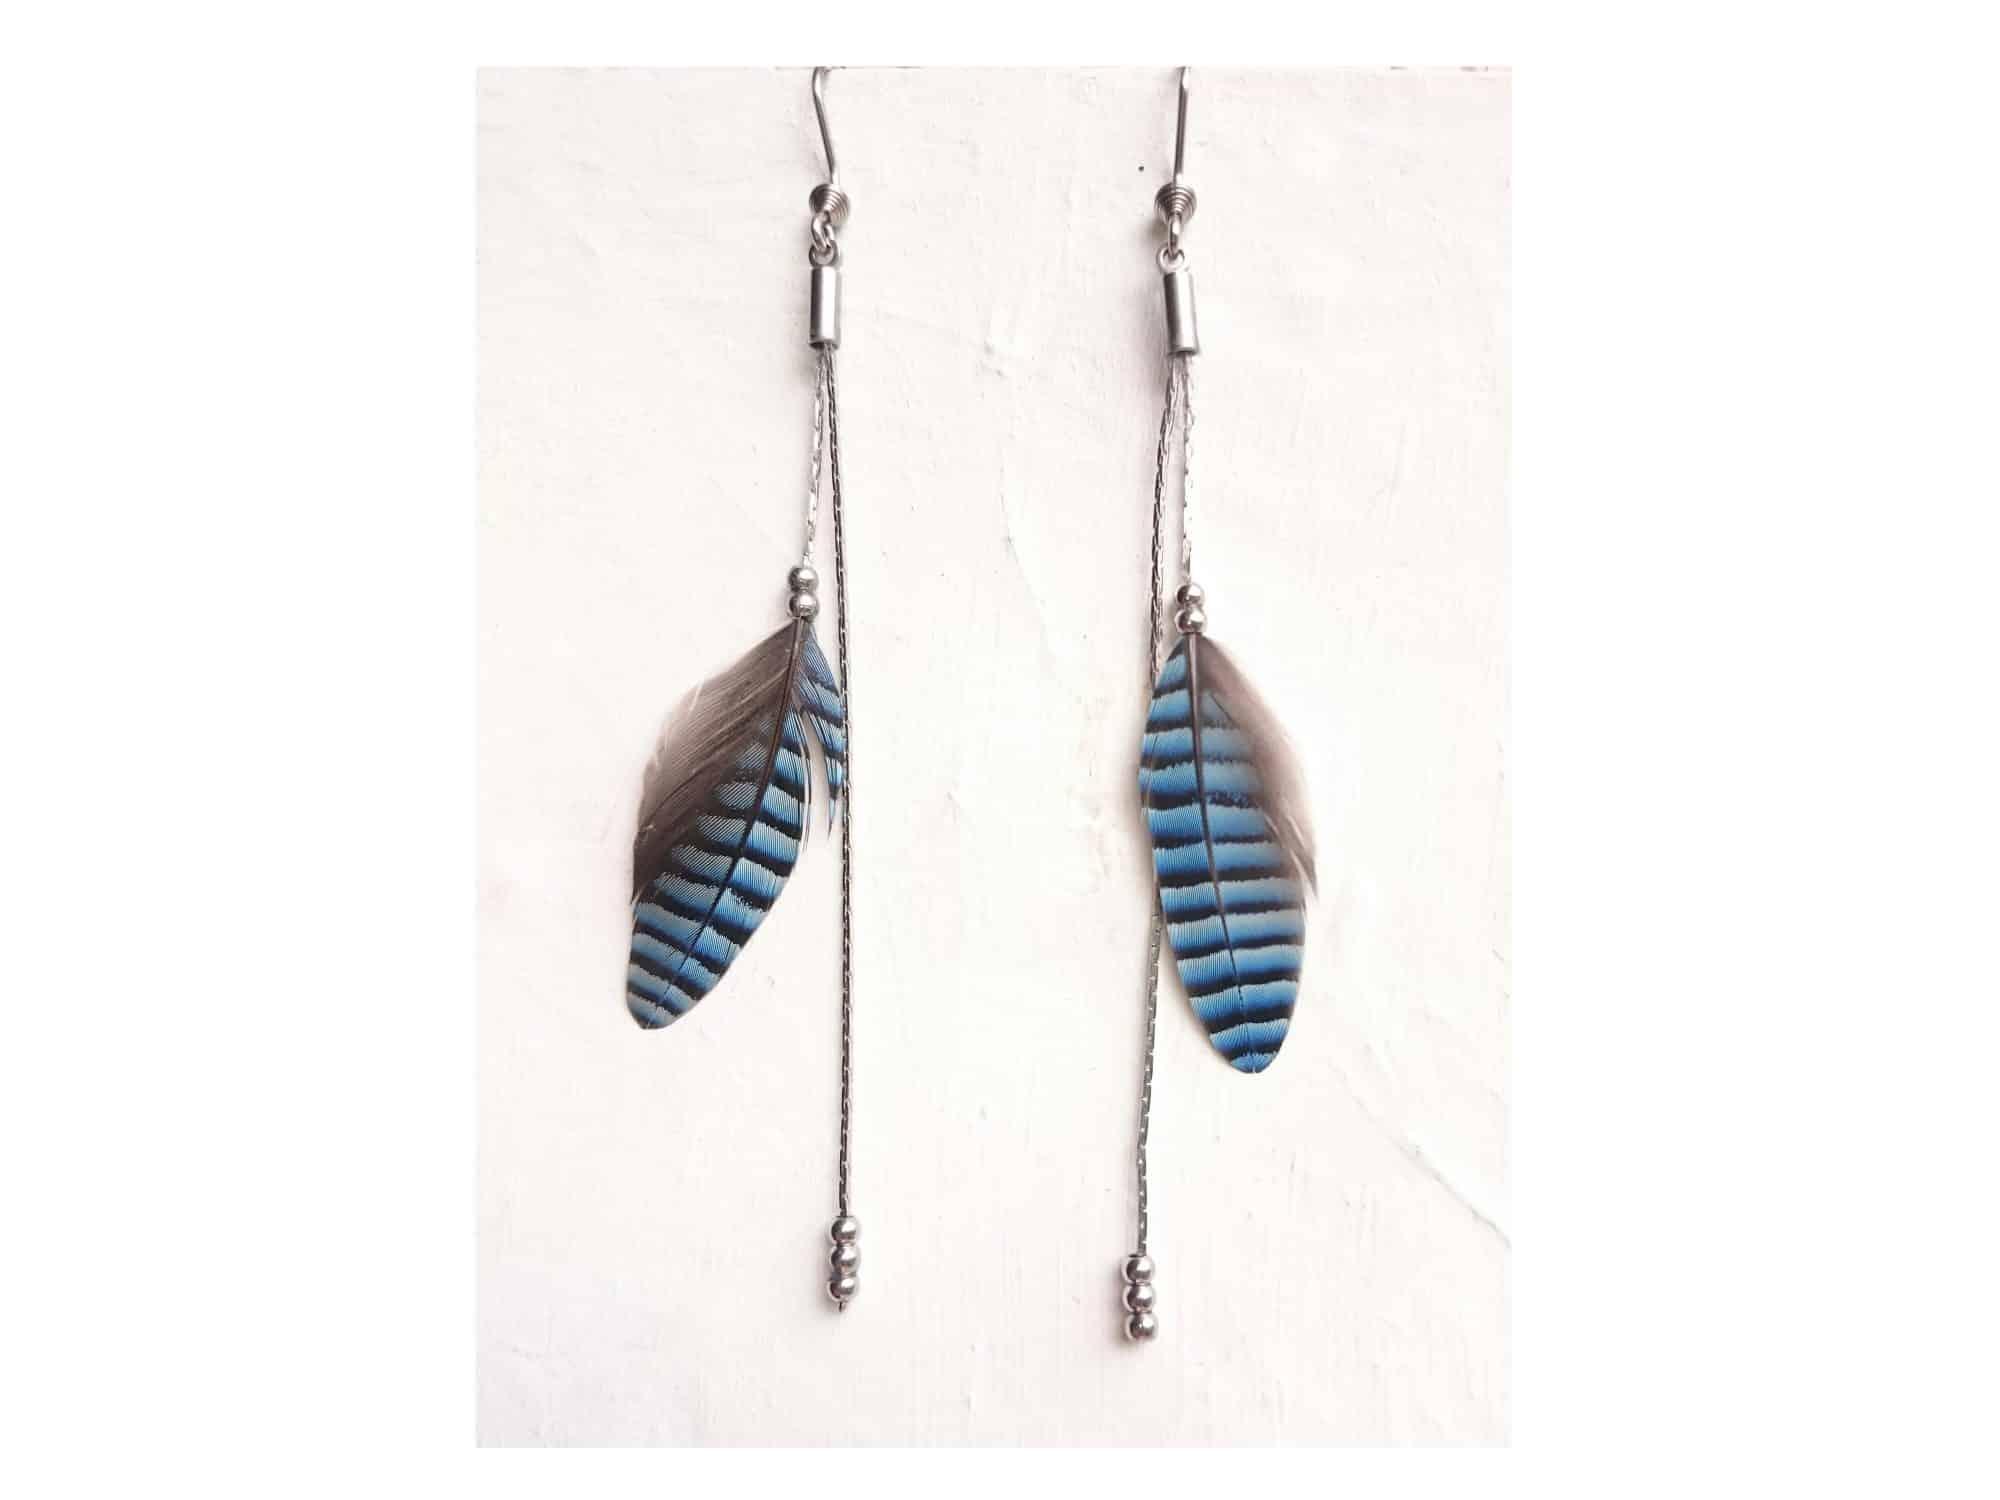 Boucles d'oreilles en plumes bleues rayées avec de fines chaînes argentées